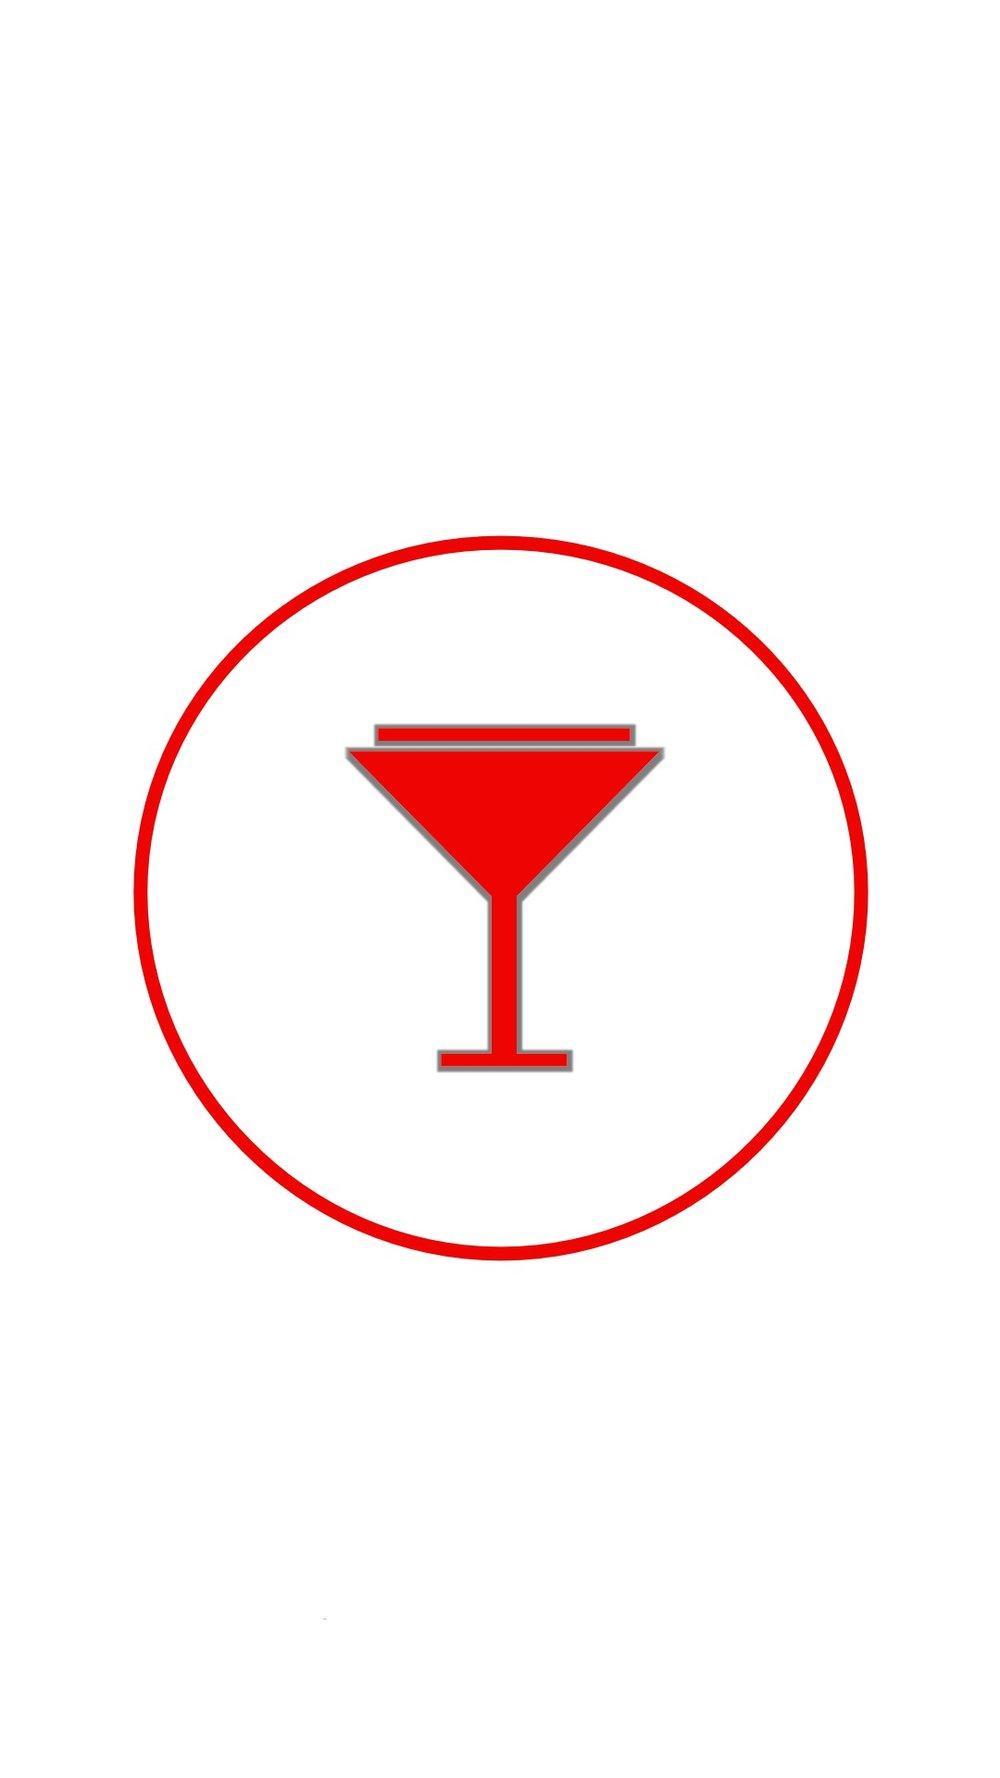 Instagram-cover-martiniglass-red-white-lotnotes.com.jpg